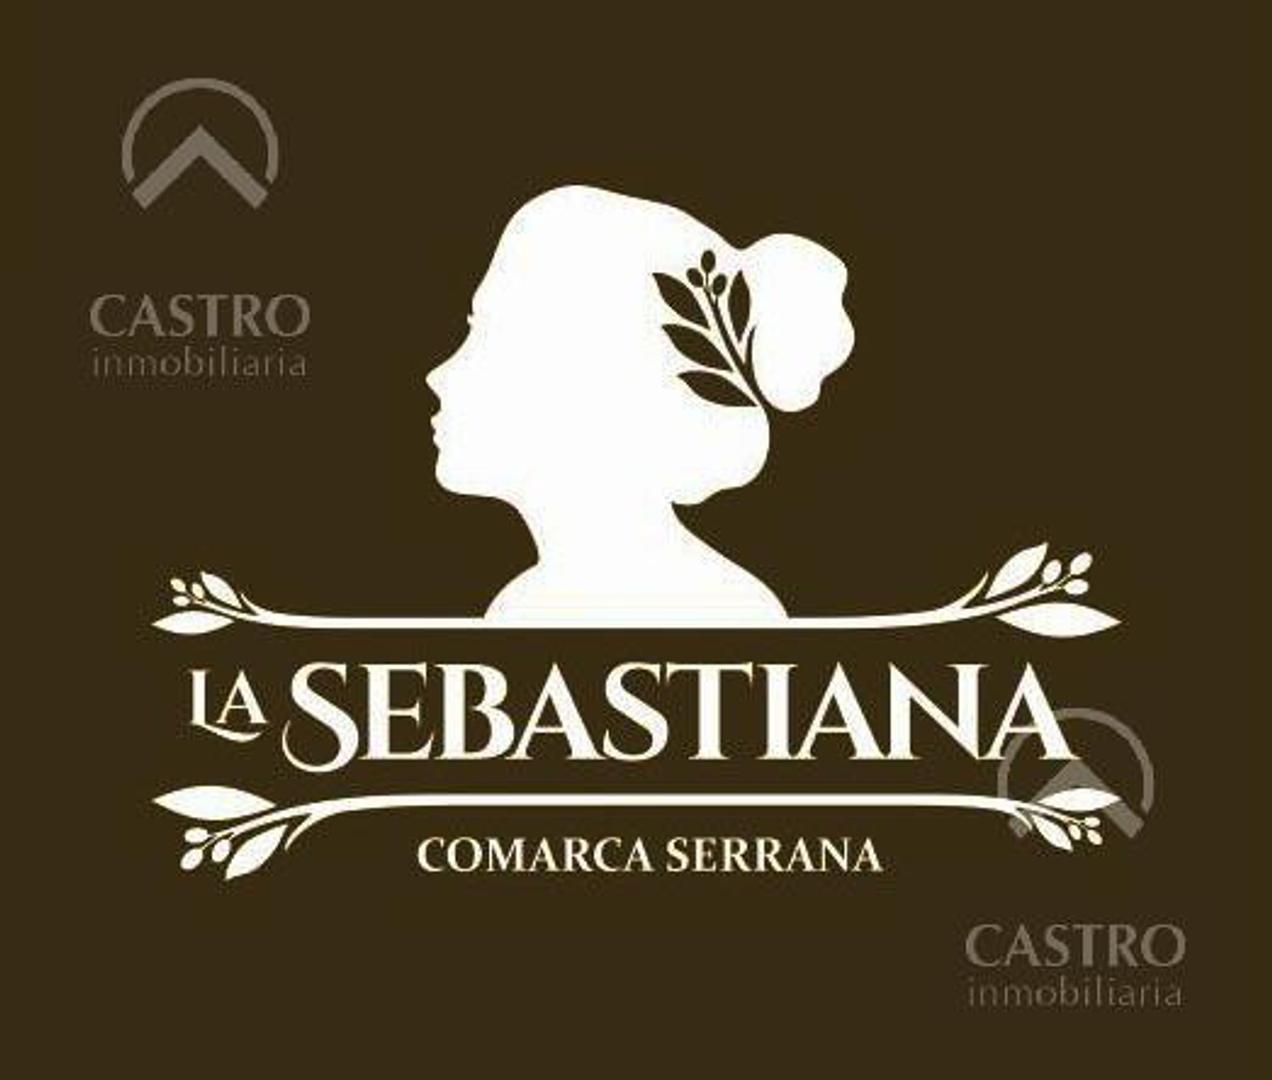 Terreno - La Sebastiana- Pre venta